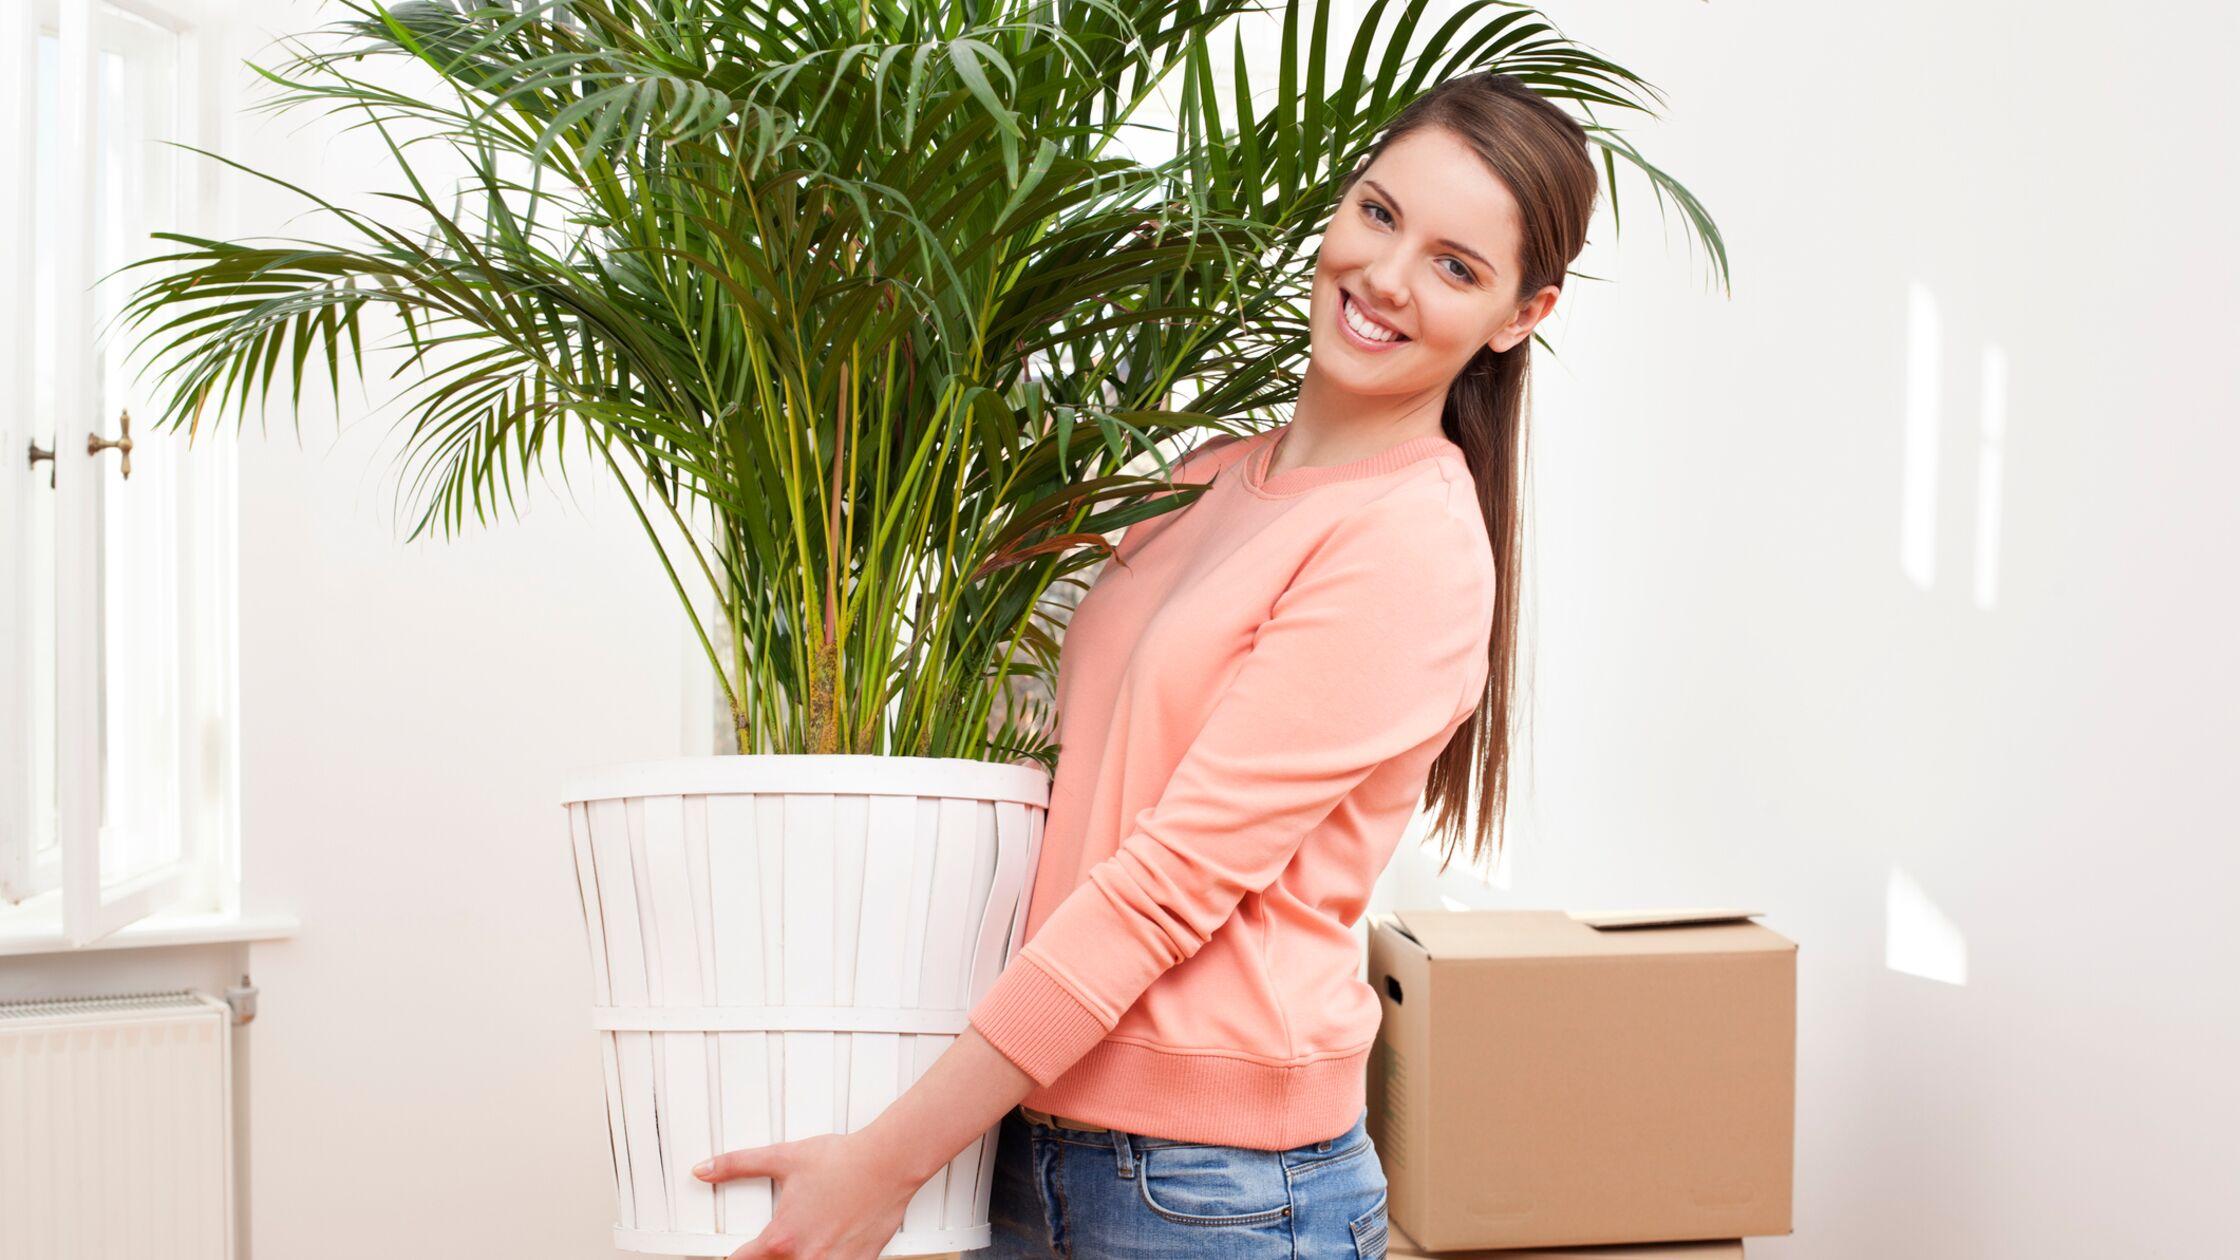 Frau transportiert große Kübelpflanze